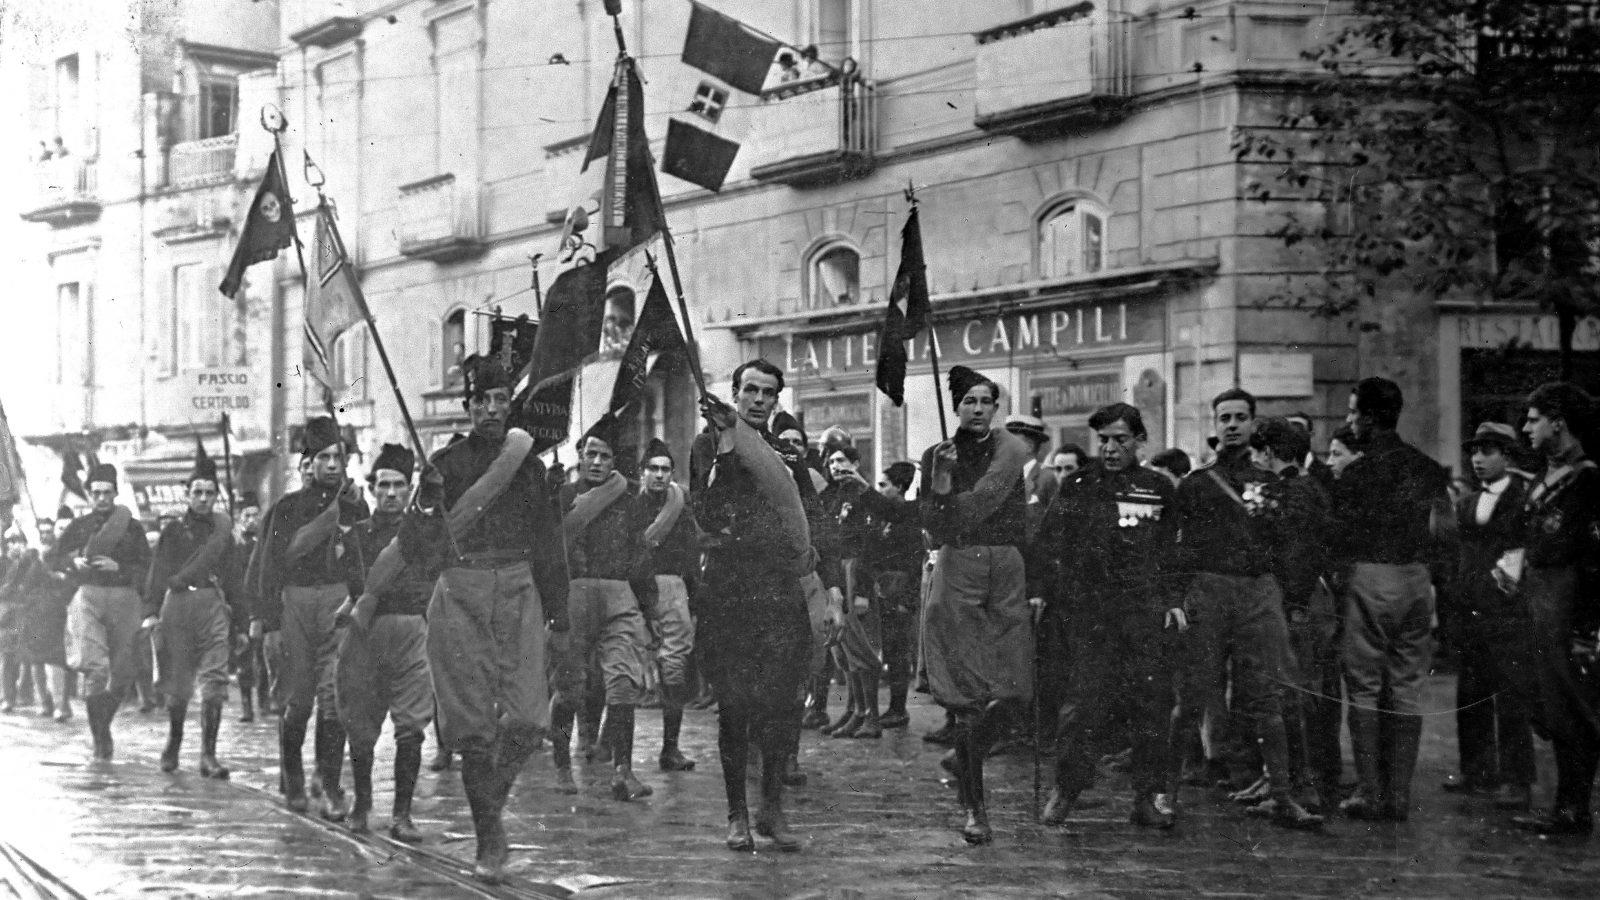 La marcia su Roma, 28 ottobre 1922 (fonte: ilgiornale.it)